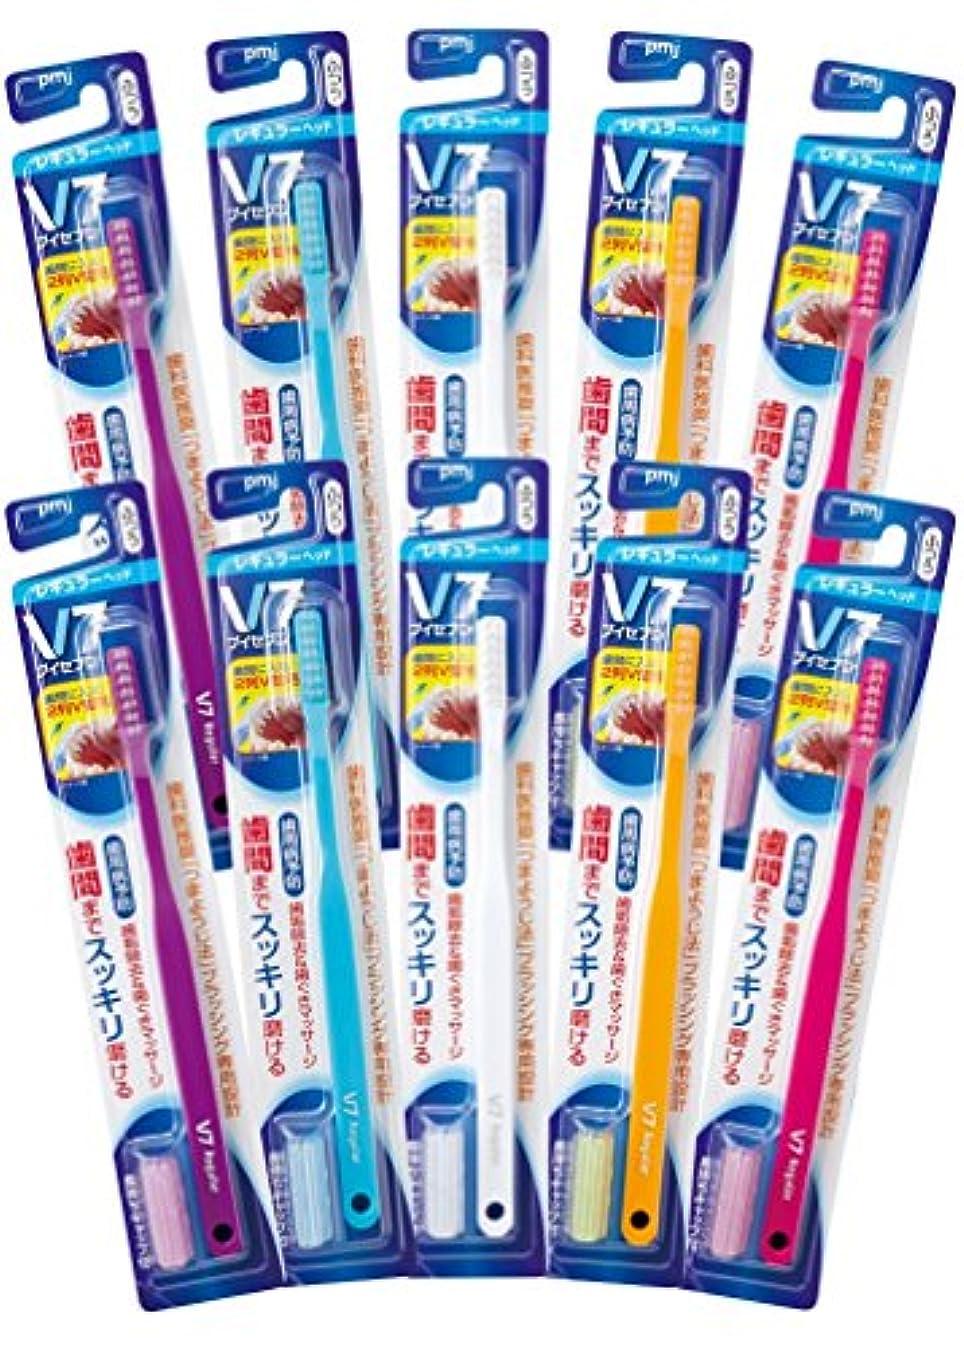 理論的マトン窓つまようじ法 歯ブラシ V-7 レギュラーヘッド ブリスター 10本入